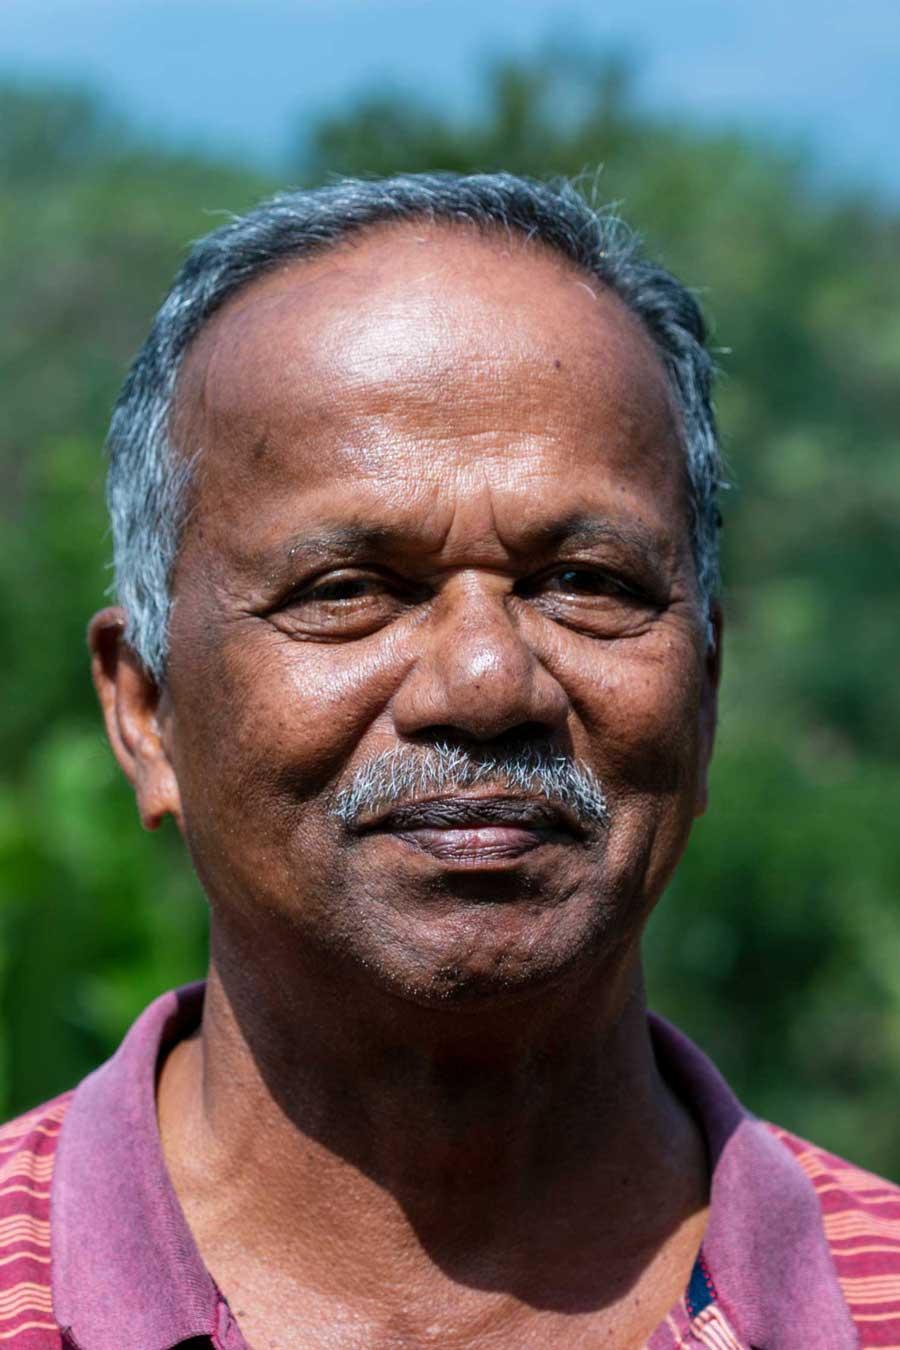 Producteur d'épices dan sel Kerala, en Inde, avec qui nous collaborons